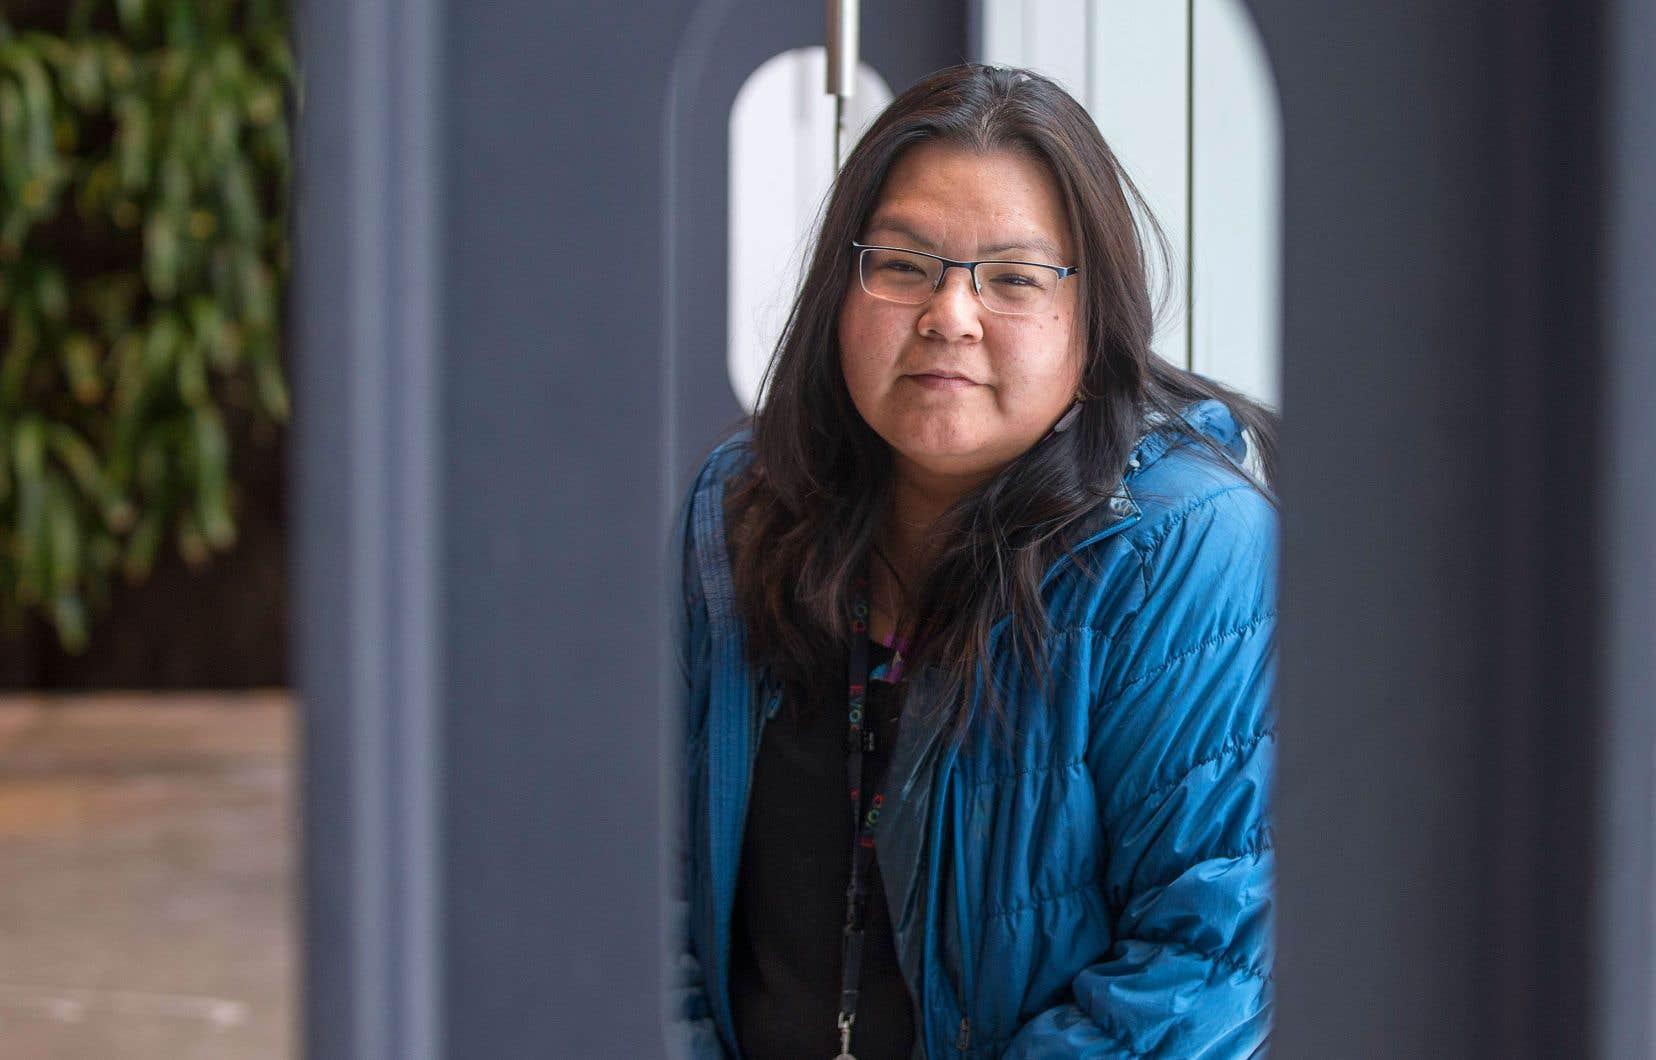 La mère de Maya Mollen Cousineau l'avait confiée à une famille non autochtone, étant incapable elle-même de s'en occuper.